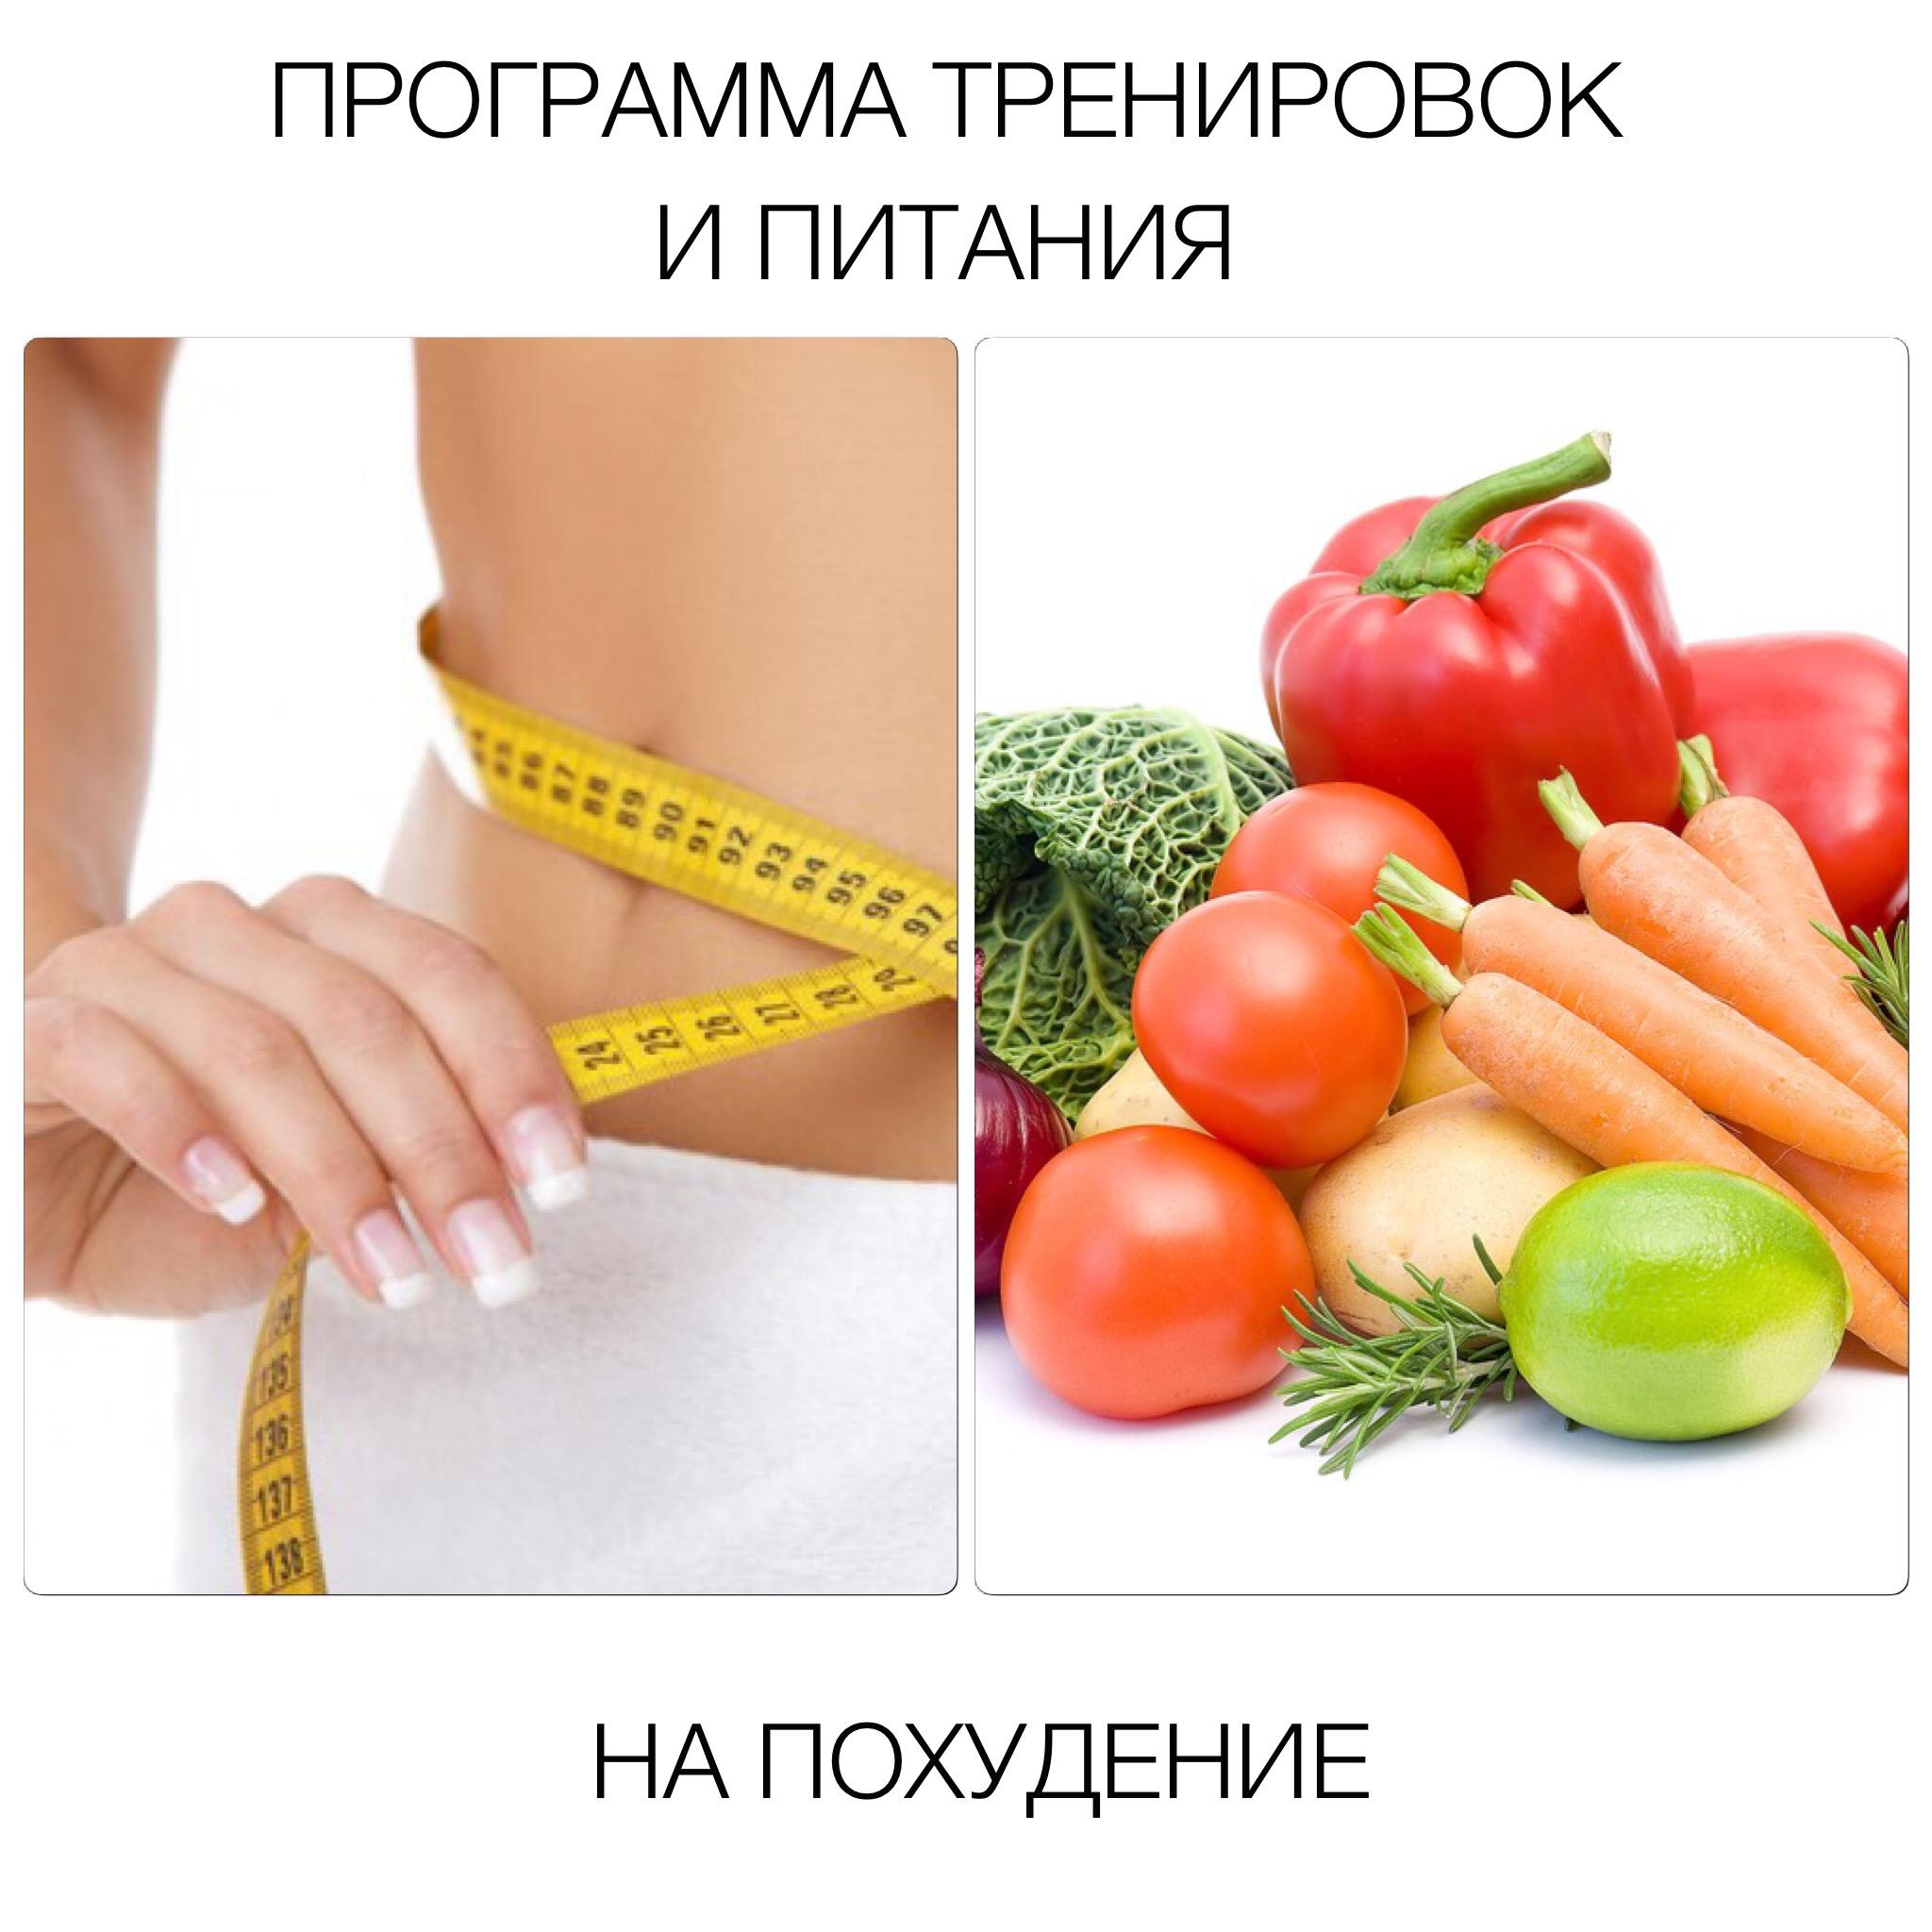 Составить План Питания И Тренировок Для Похудения. План питания и тренировок для похудения